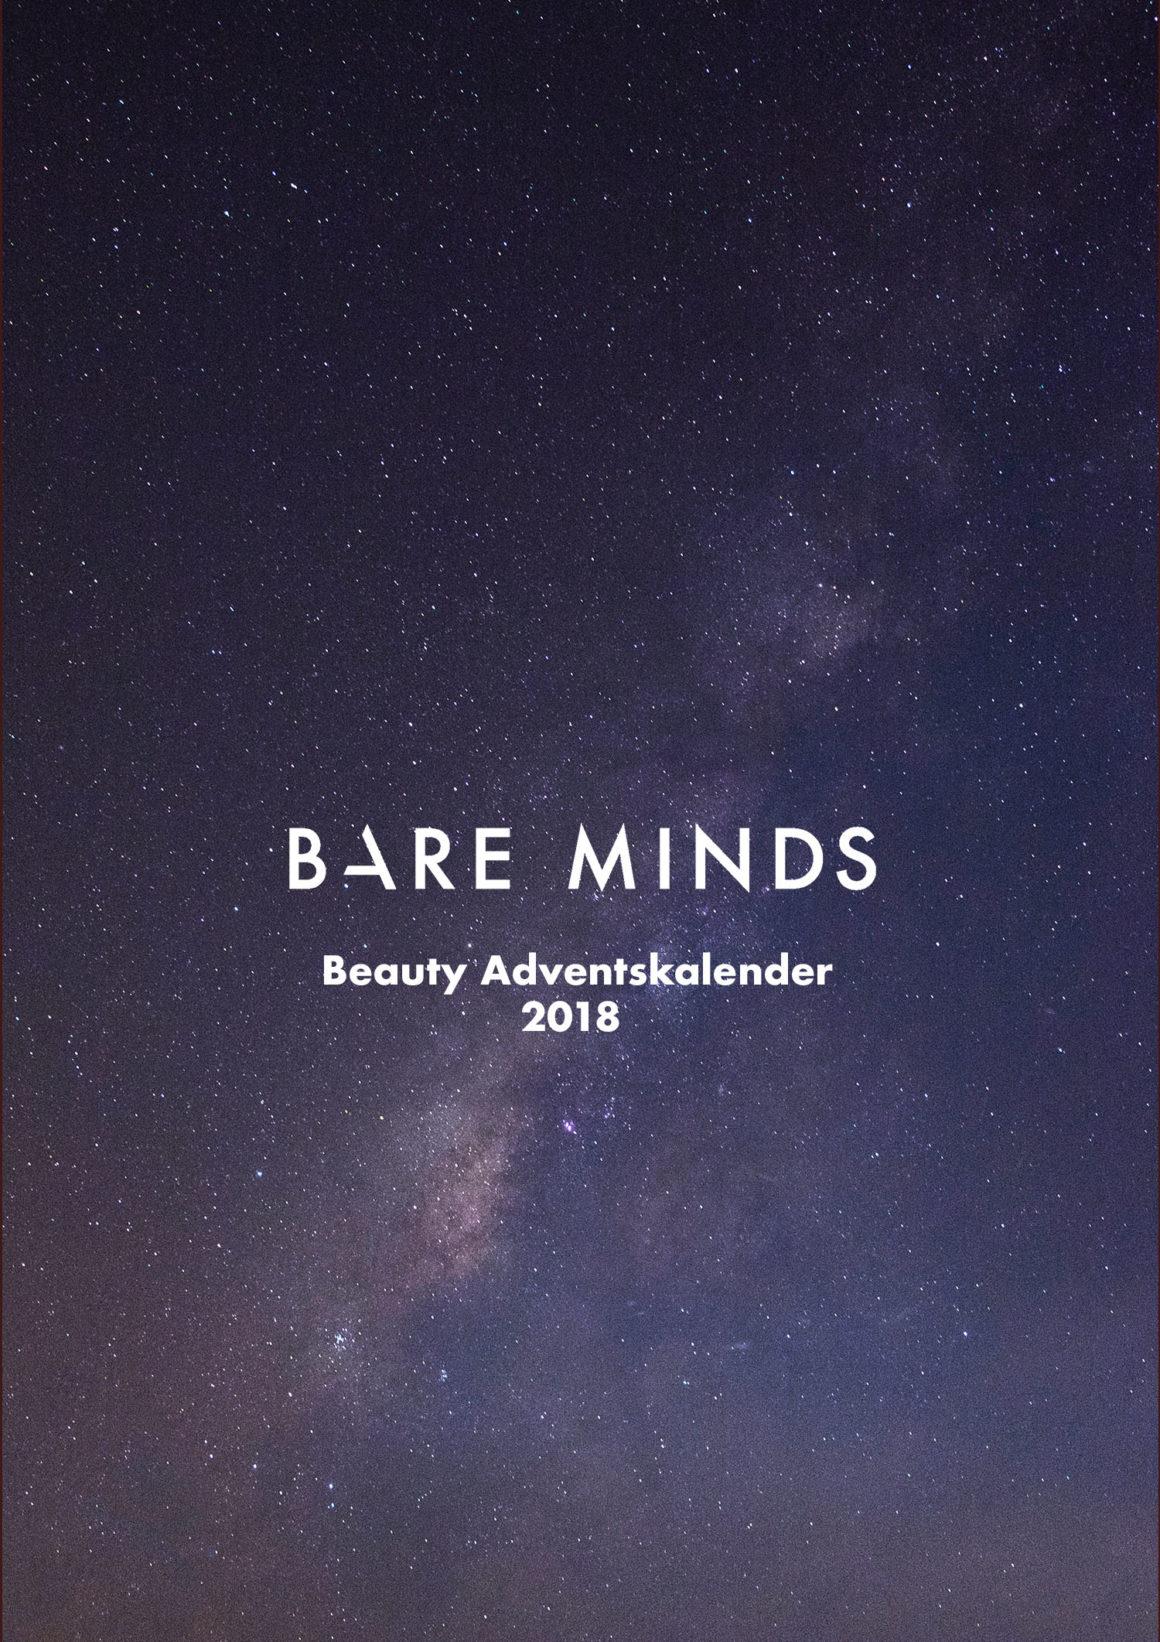 Bare Minds Beauty Adventskalender 2018